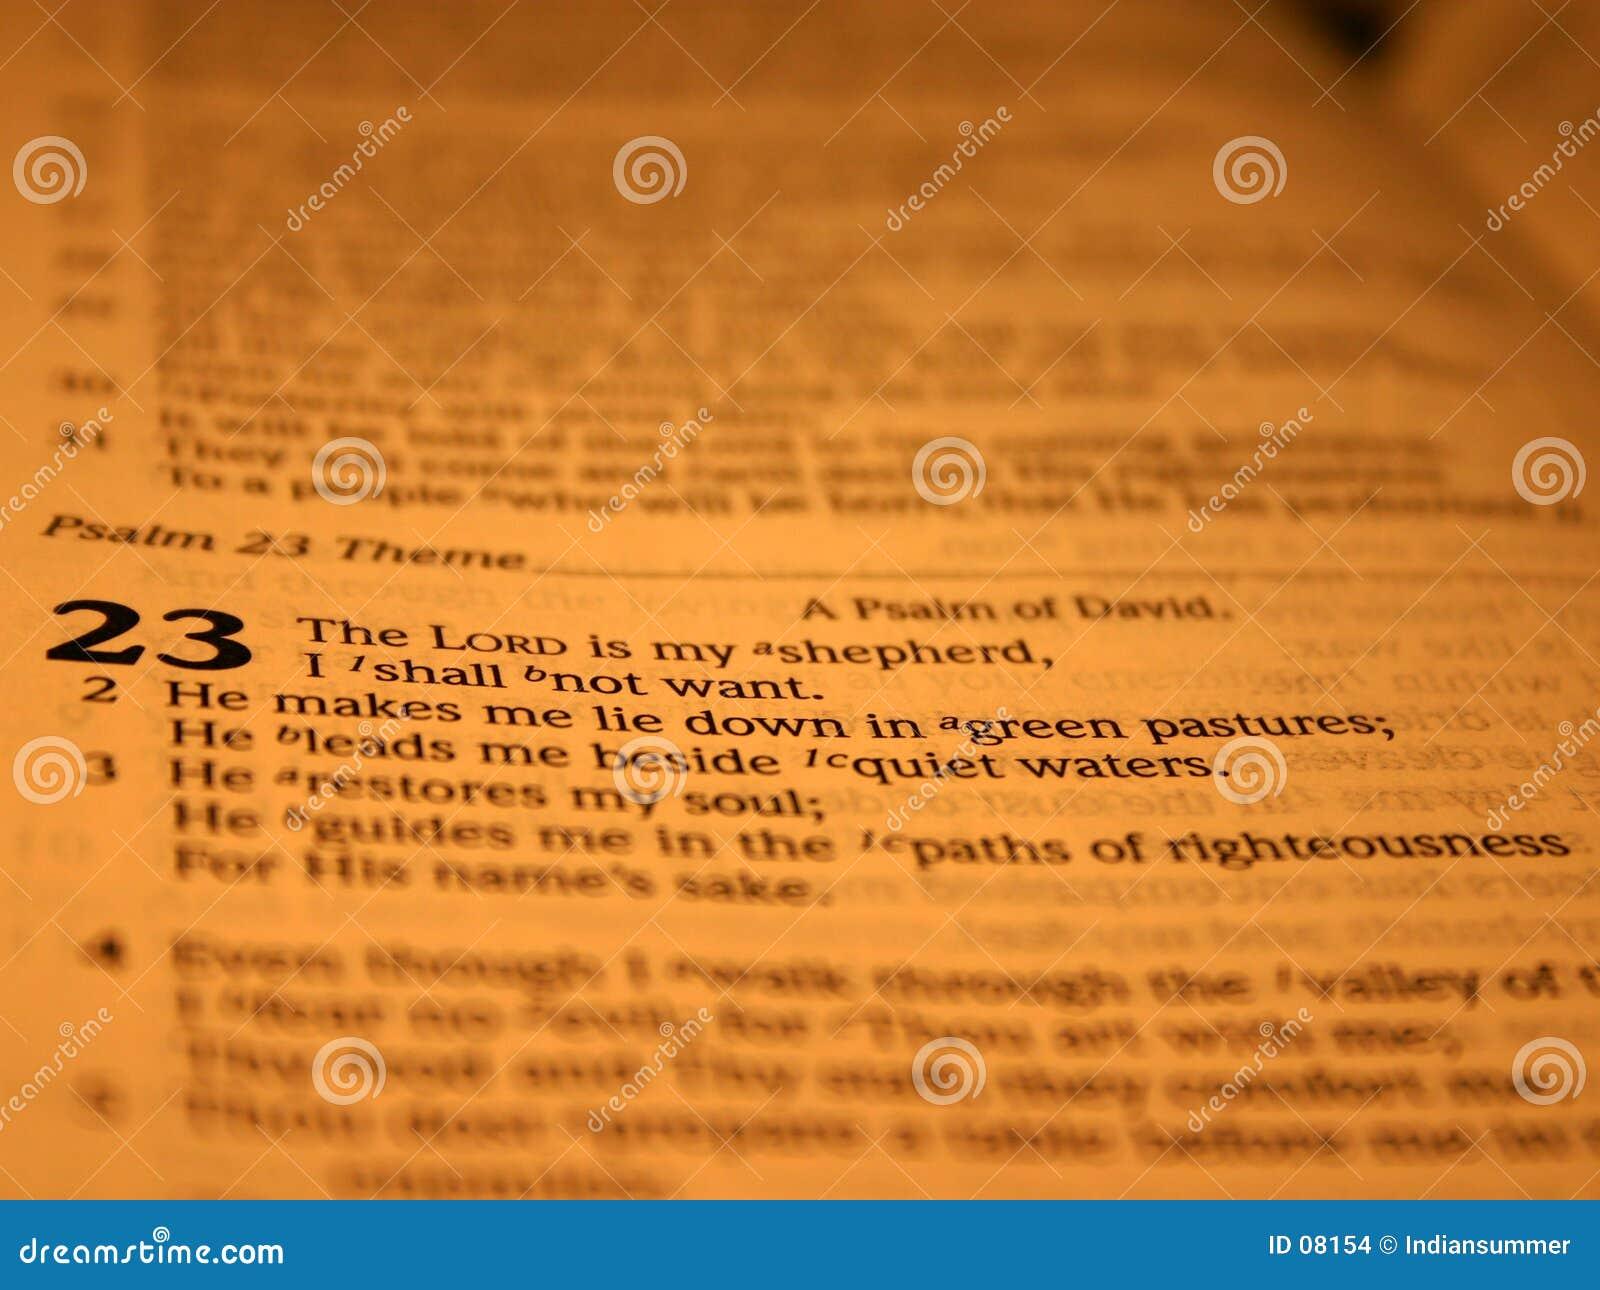 Psalm 23 ii